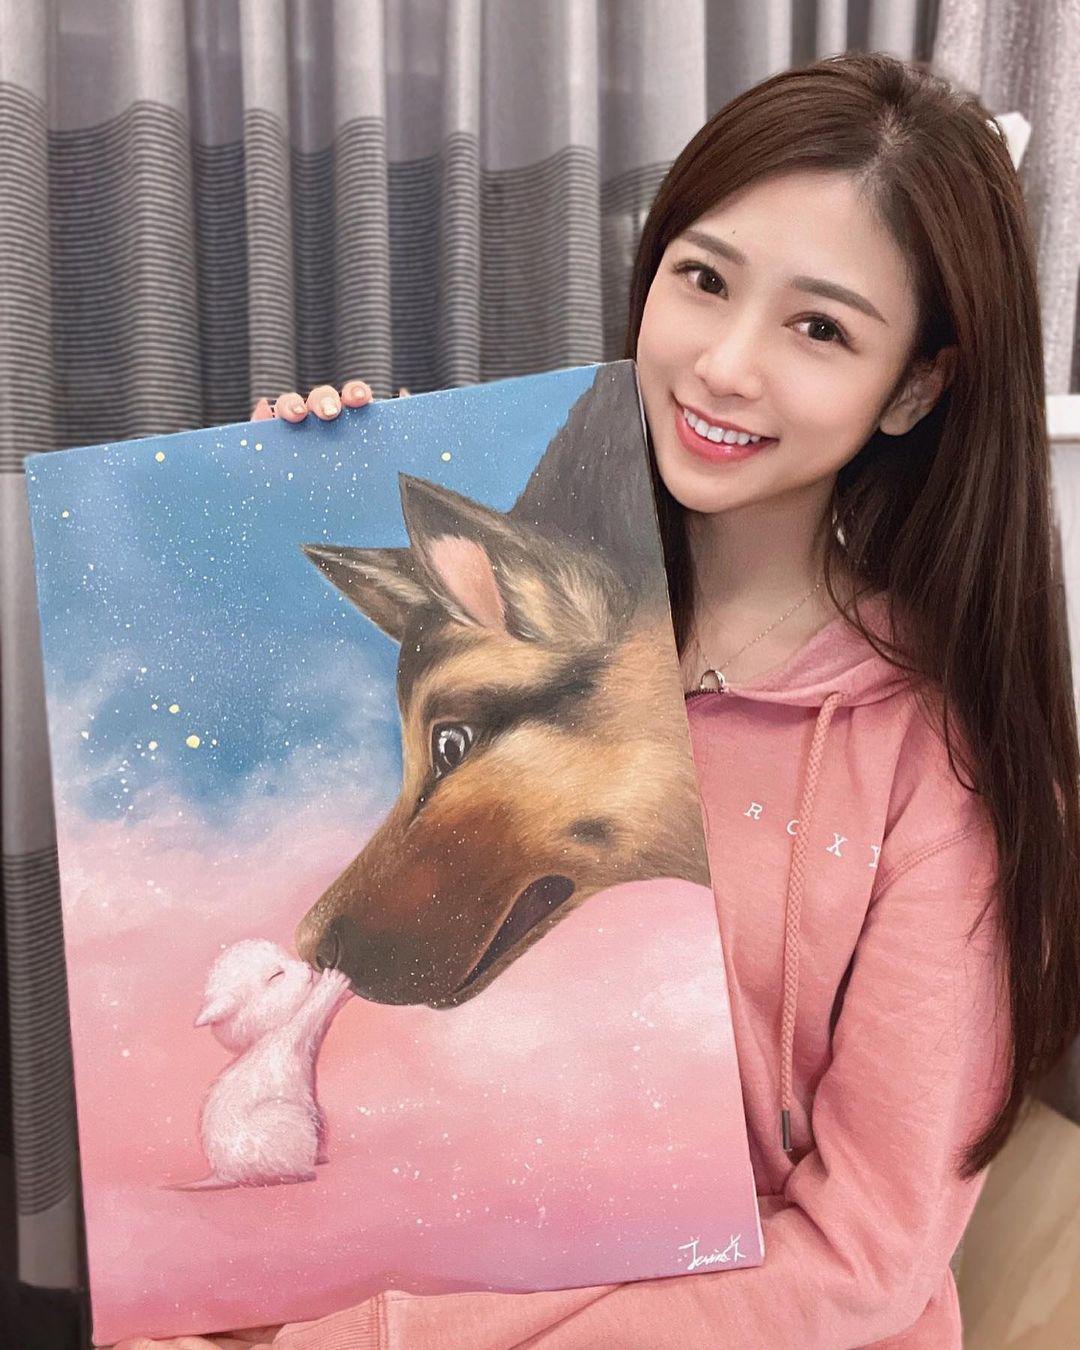 神级达人!甜美正妹「杜衫杉」兴趣是画油画,职业级作画宛如仙女!插图(2)